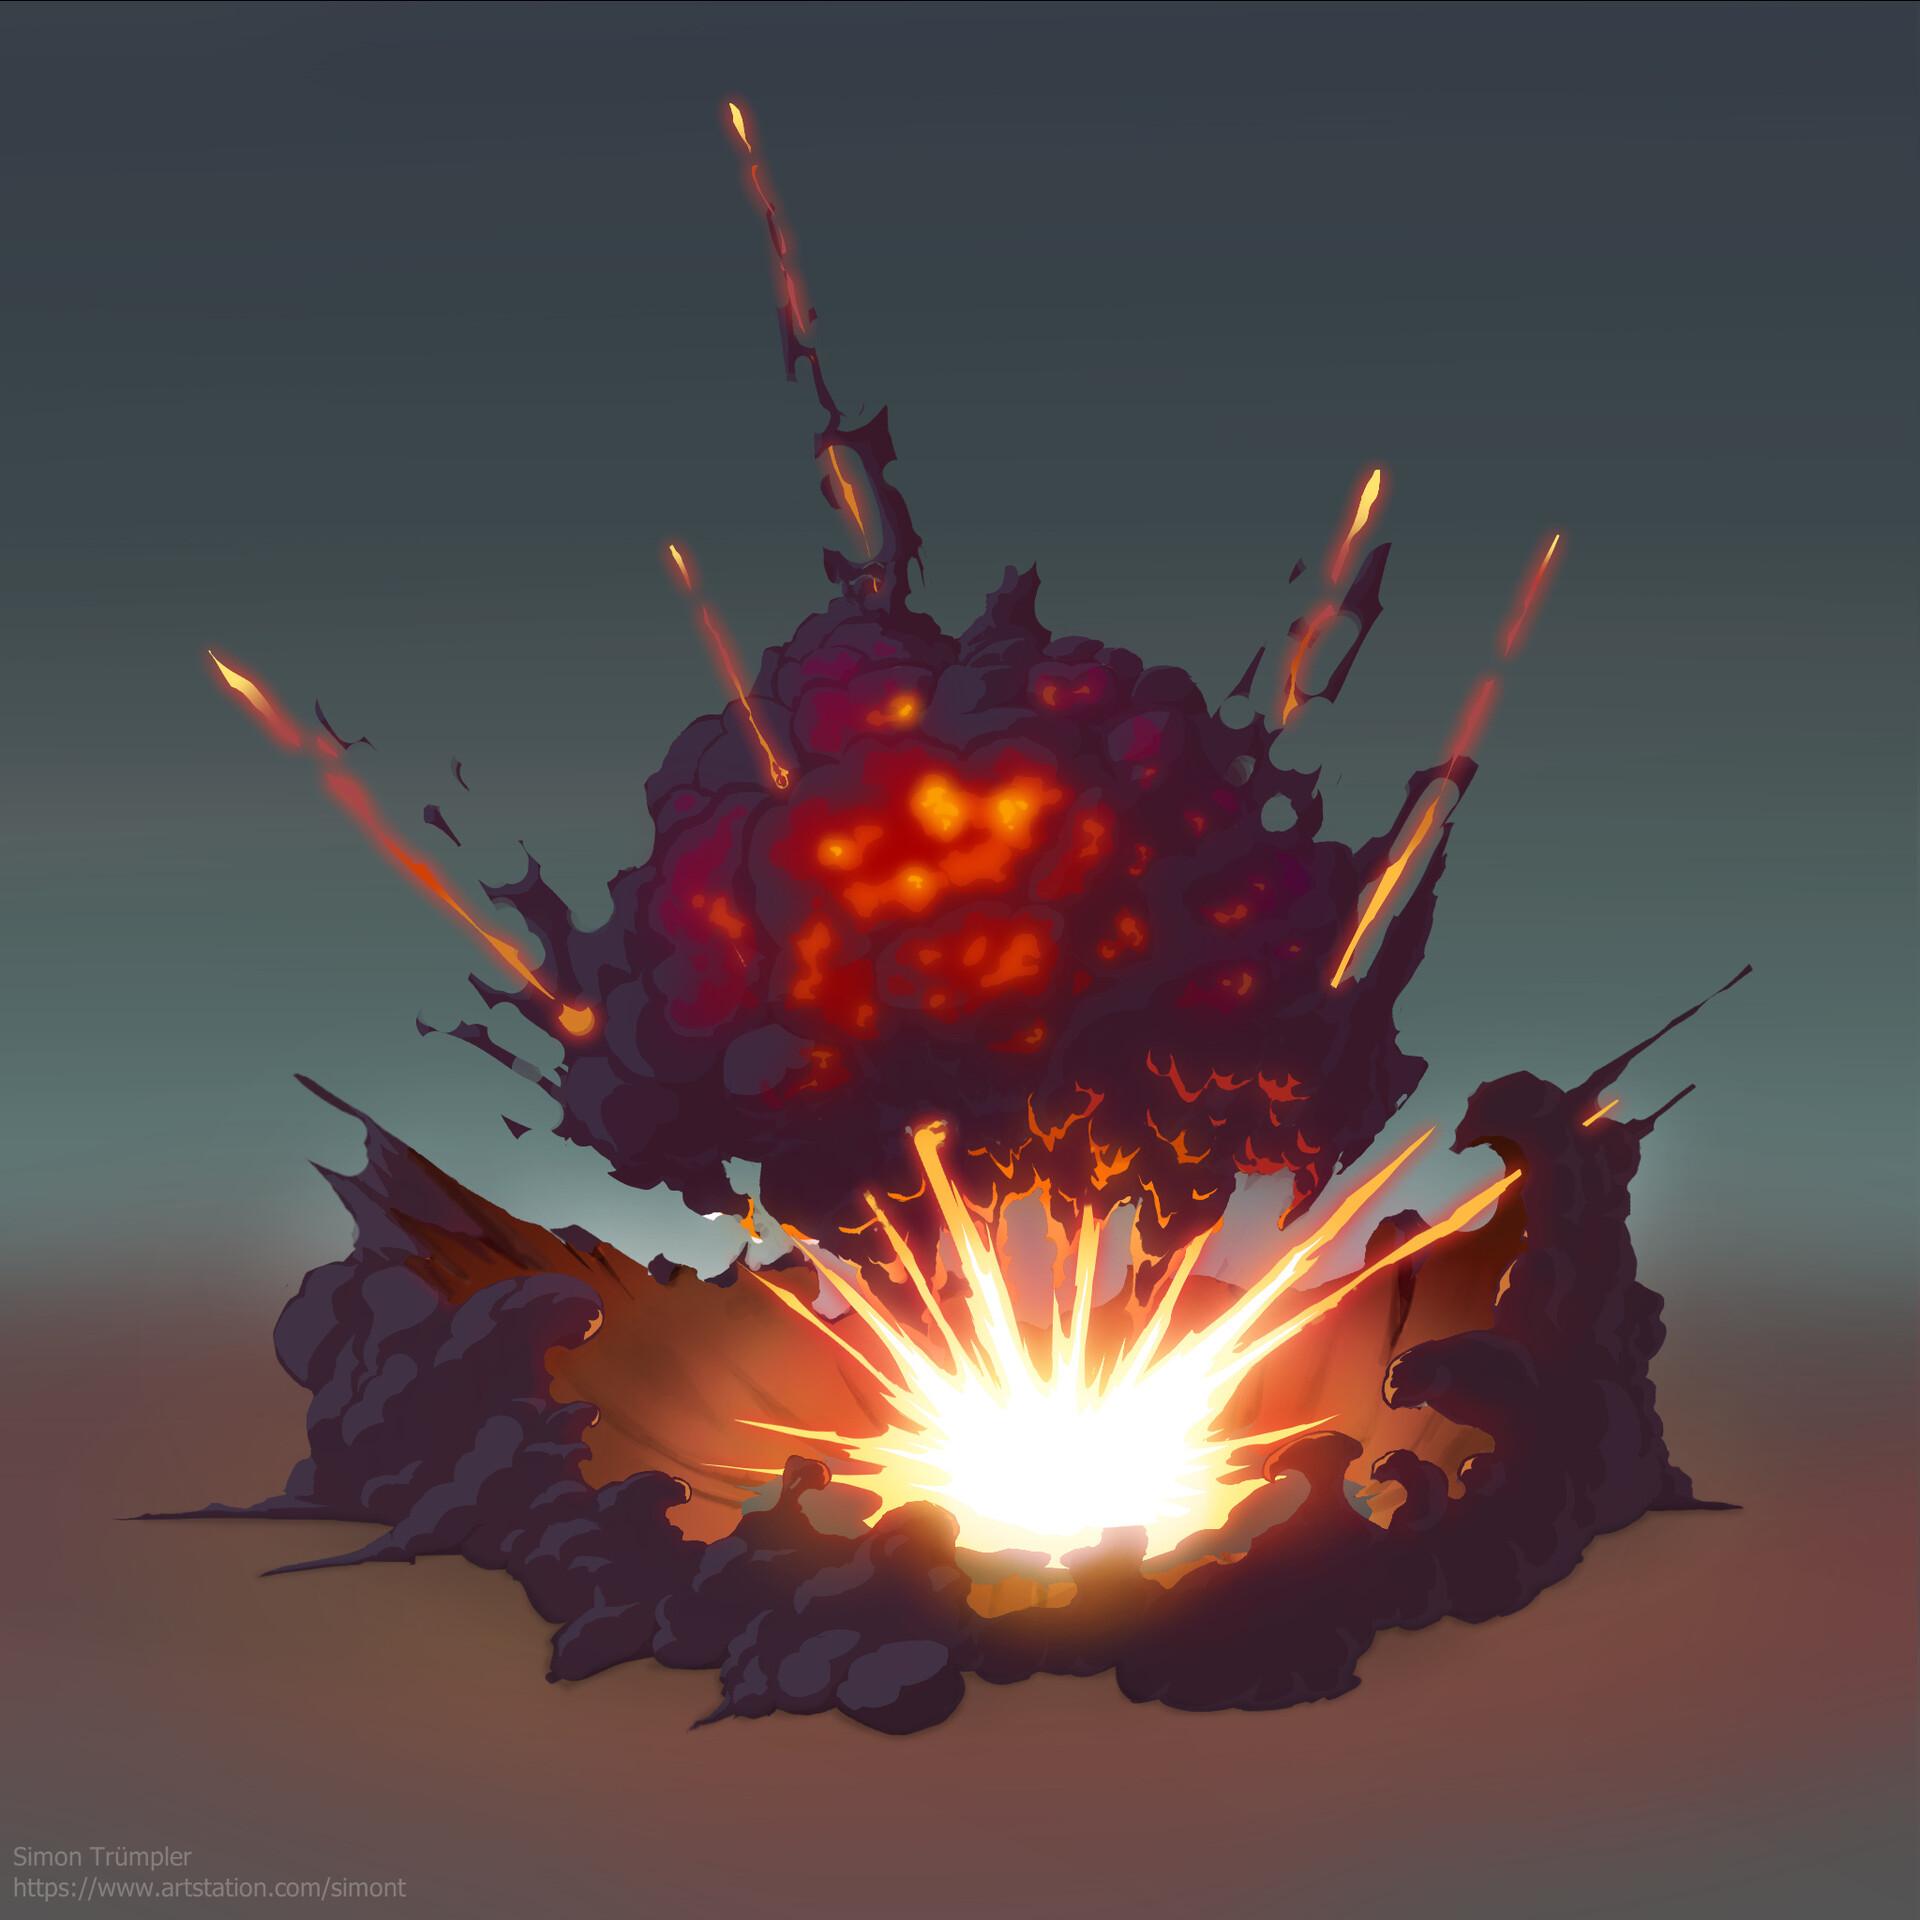 simon-trumpler-explosion-01.jpg